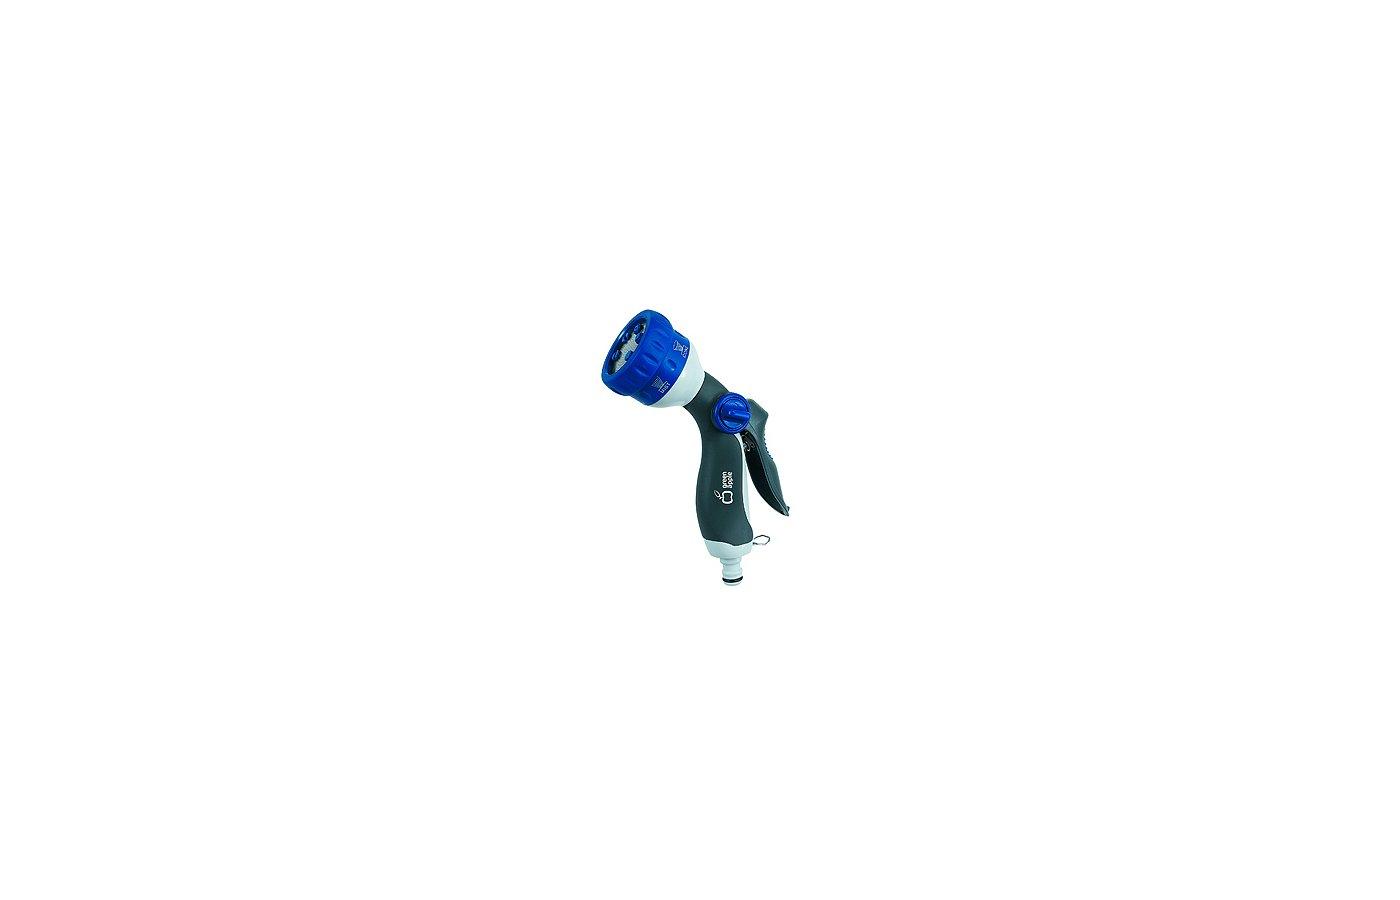 Поливочное оборудование GREEN APPLE GWHM12-038 Пистолет-распылитель, пластик, 6 режимов